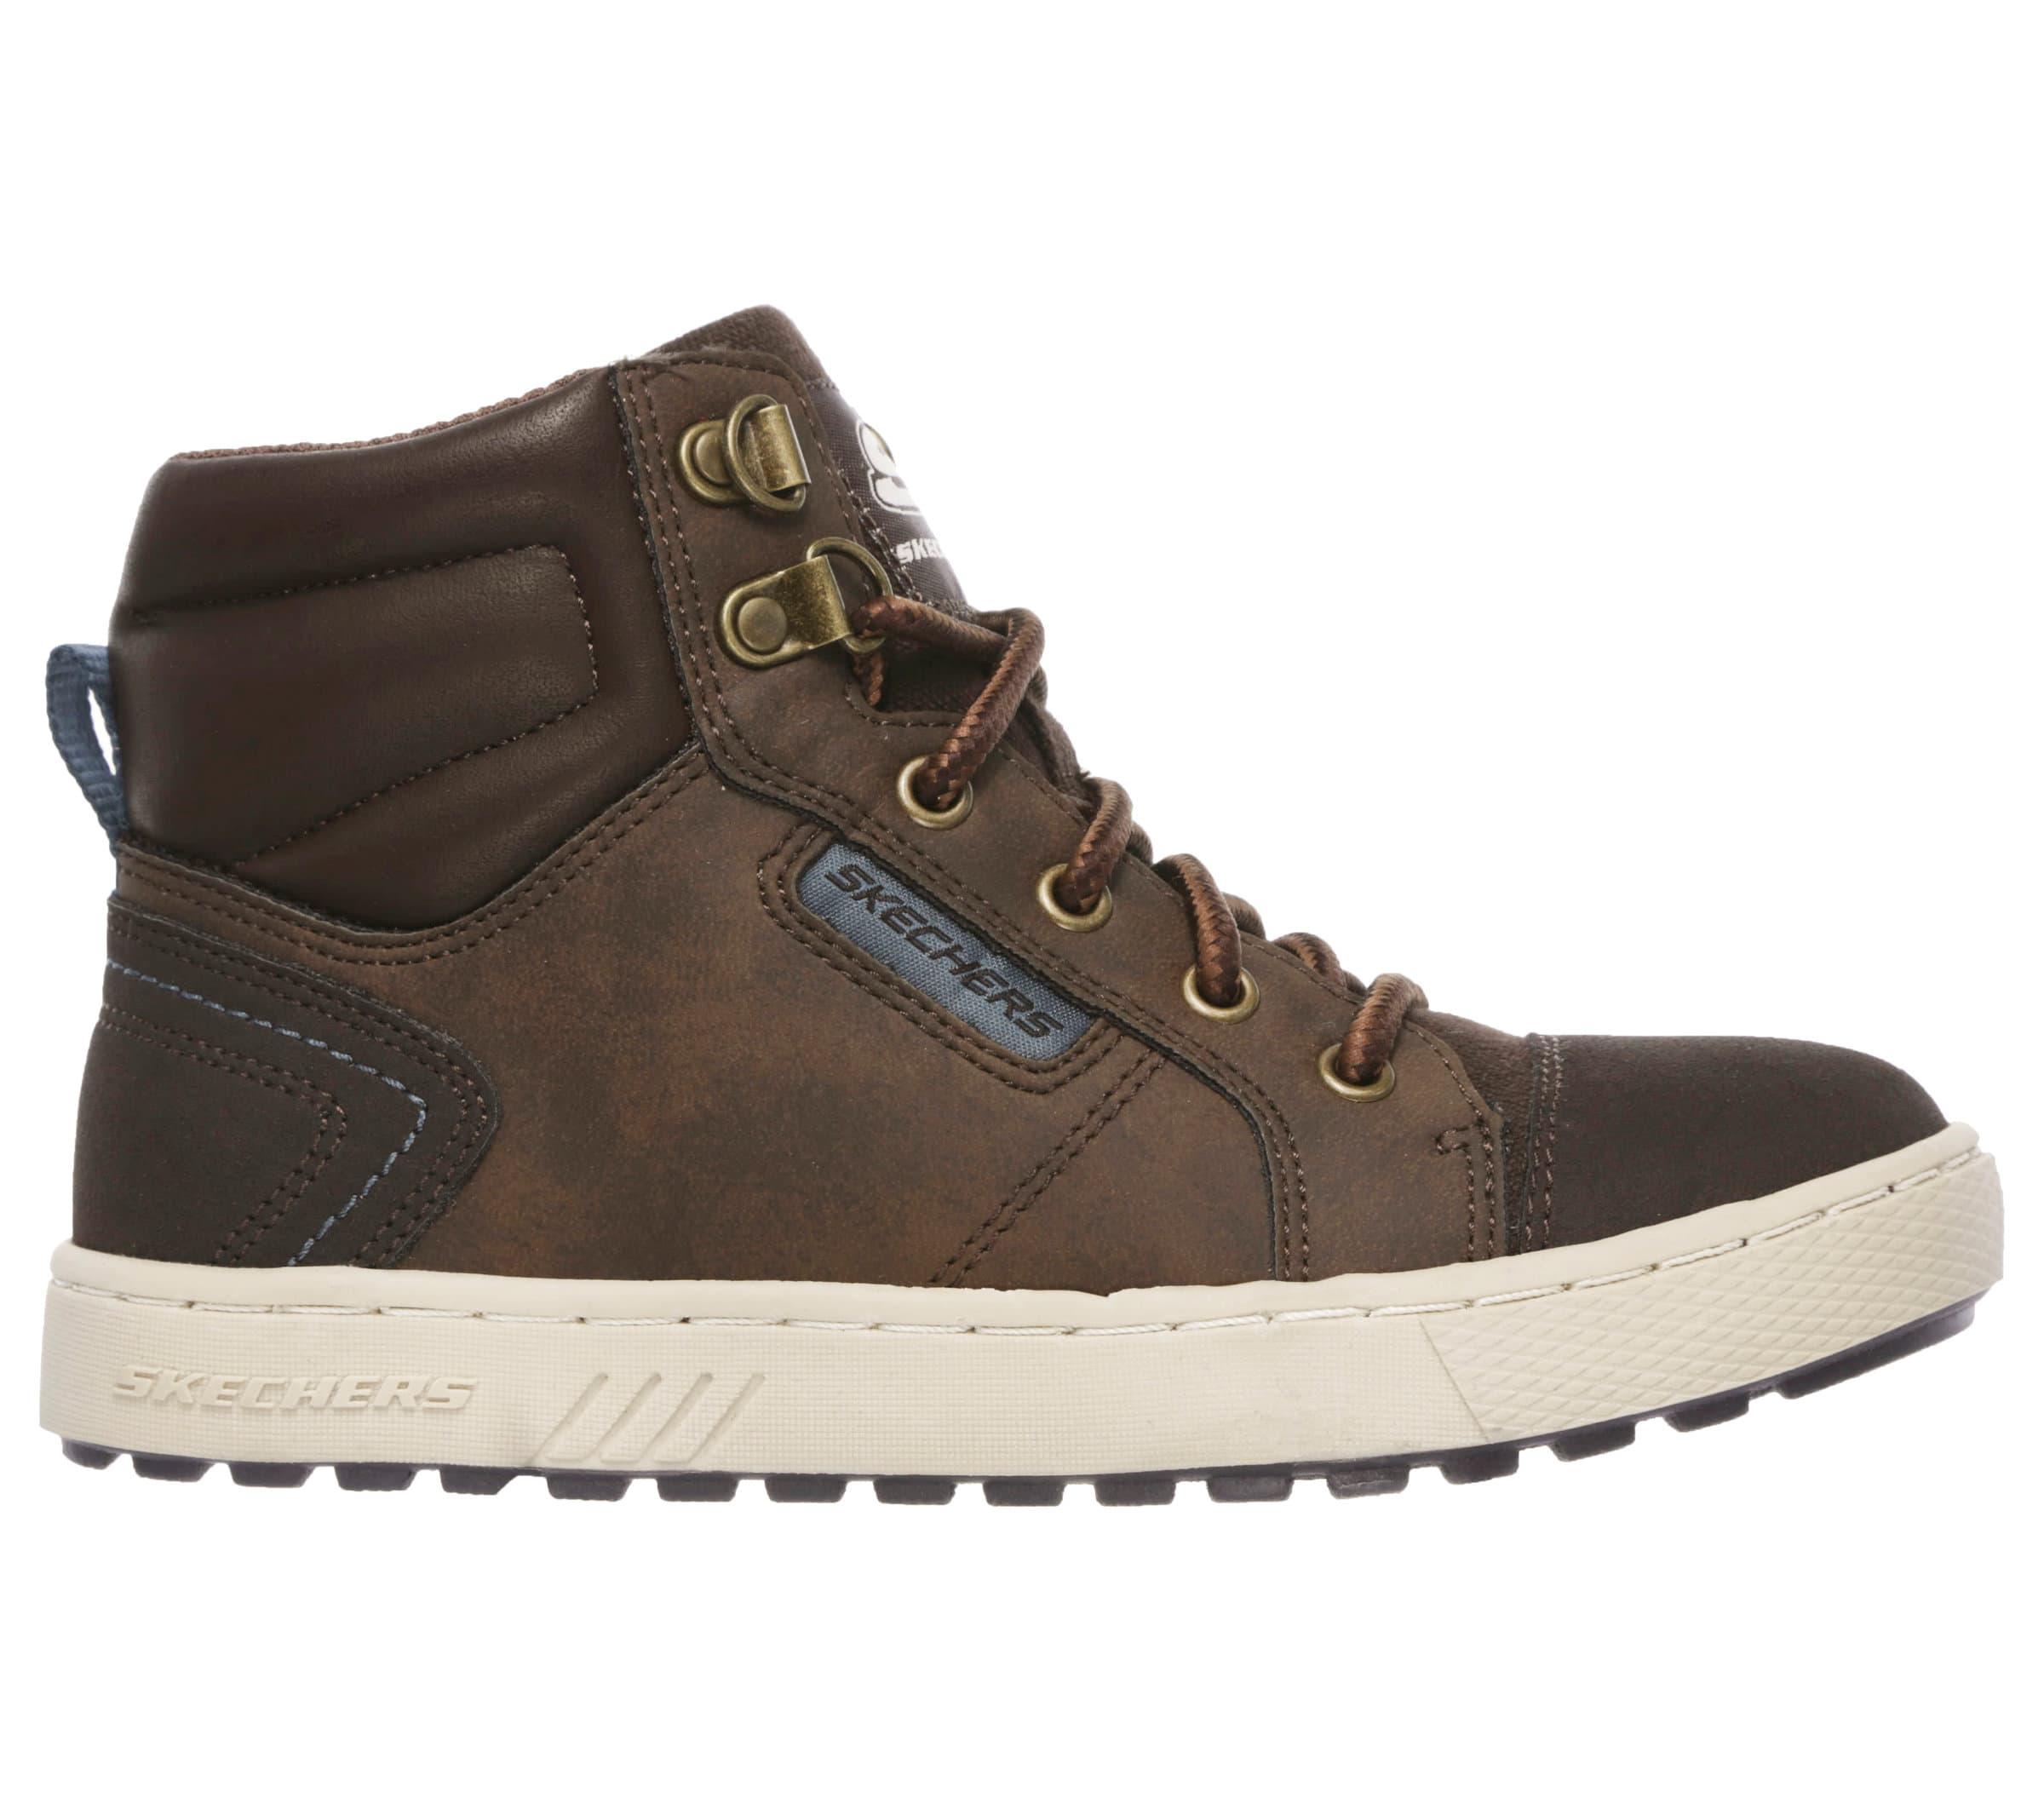 fc56a4435c4af4 Skechers City Clique Chaussures de loisirs pour enfant | Migros